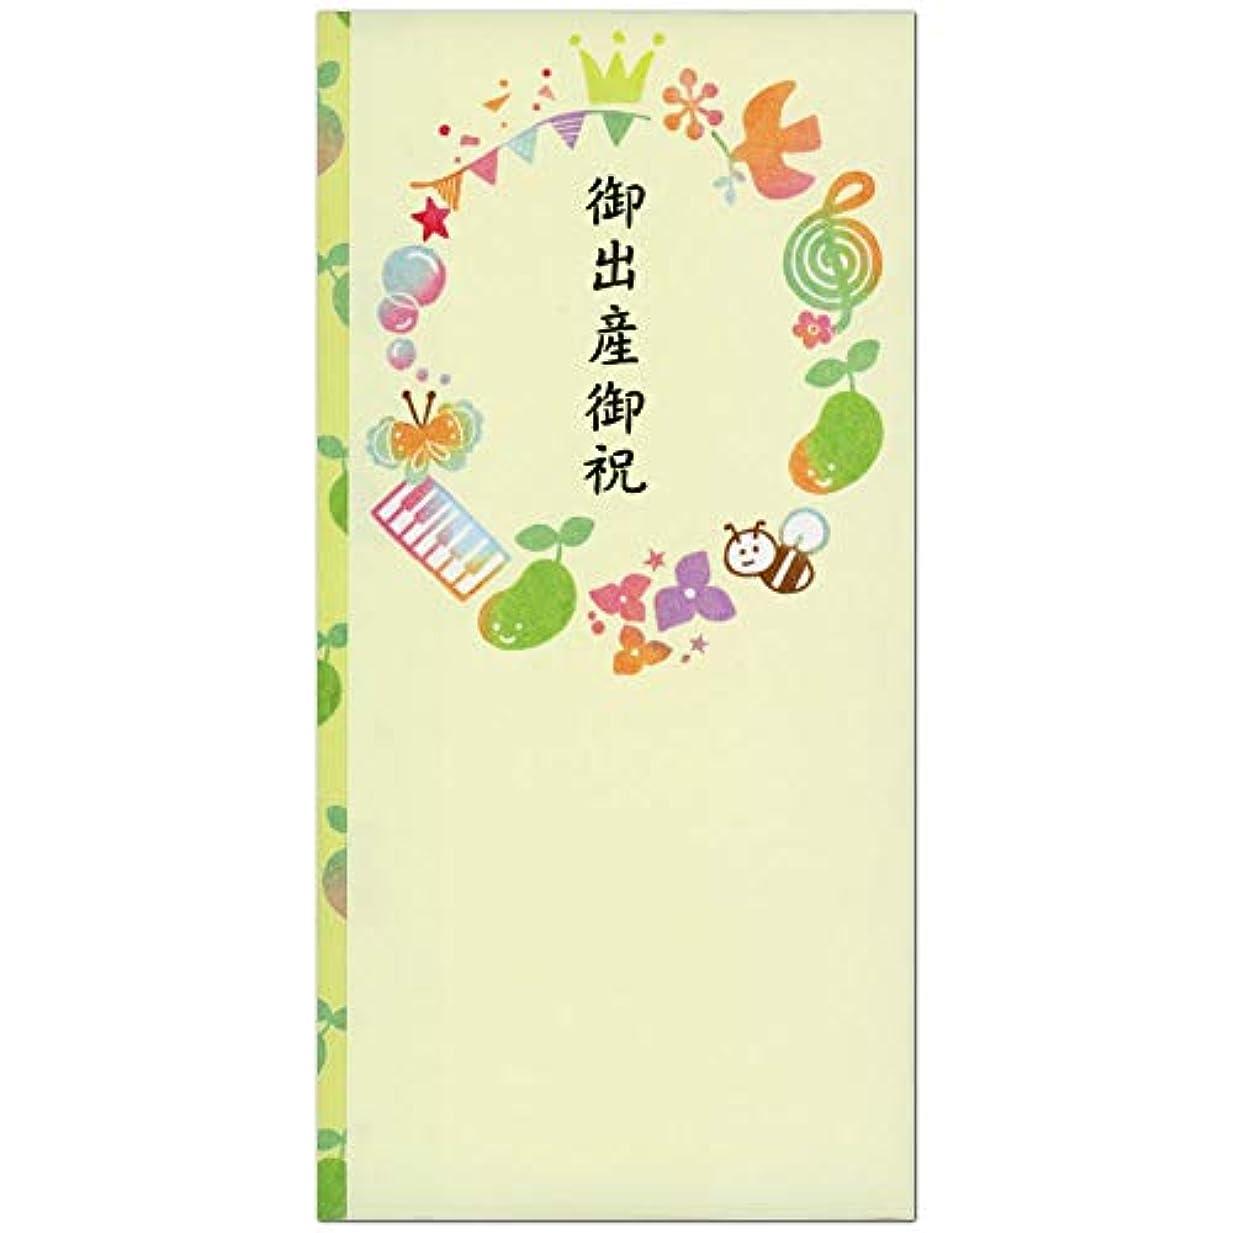 手入れ通知する終点フロンティア 祝儀袋 出産祝 はんこ新芽 黄色 SG−184 黄色